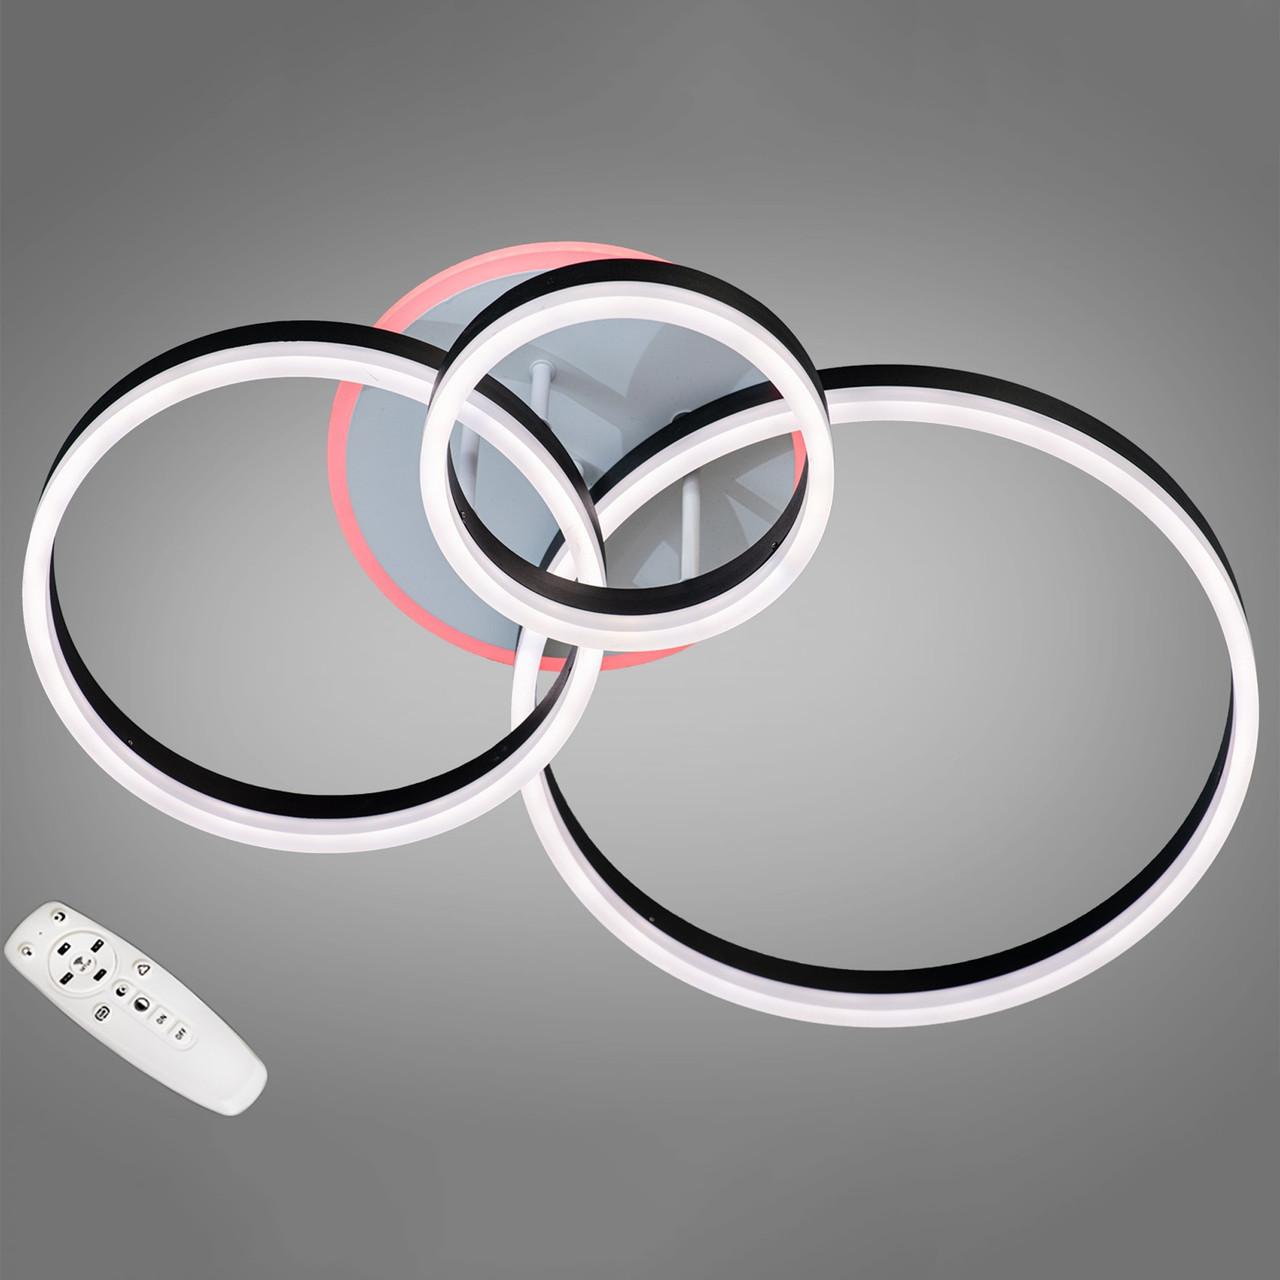 """Сучасна LED люстра """"Кільця"""" 90 Вт на пульті управління і підсвічуванням підстави D-9285/3BK LED 3color dimmer"""